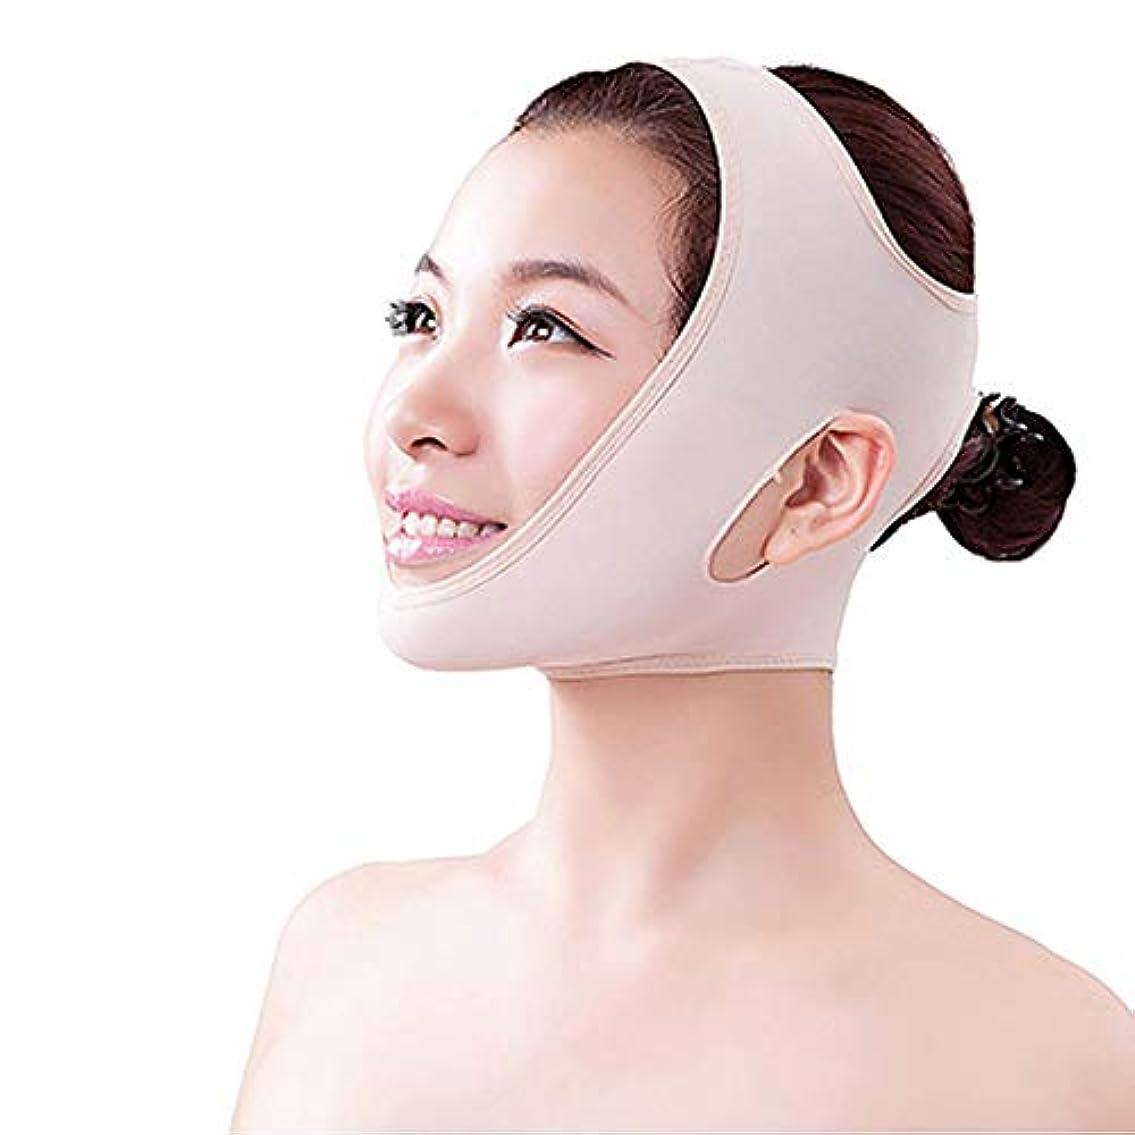 噴水調べる仮説ZWBD フェイスマスク, 薄い顔包帯小さなV面包帯薄いフェースマスク昇降吊り耳通気ビームフェイスマスクライトピンク